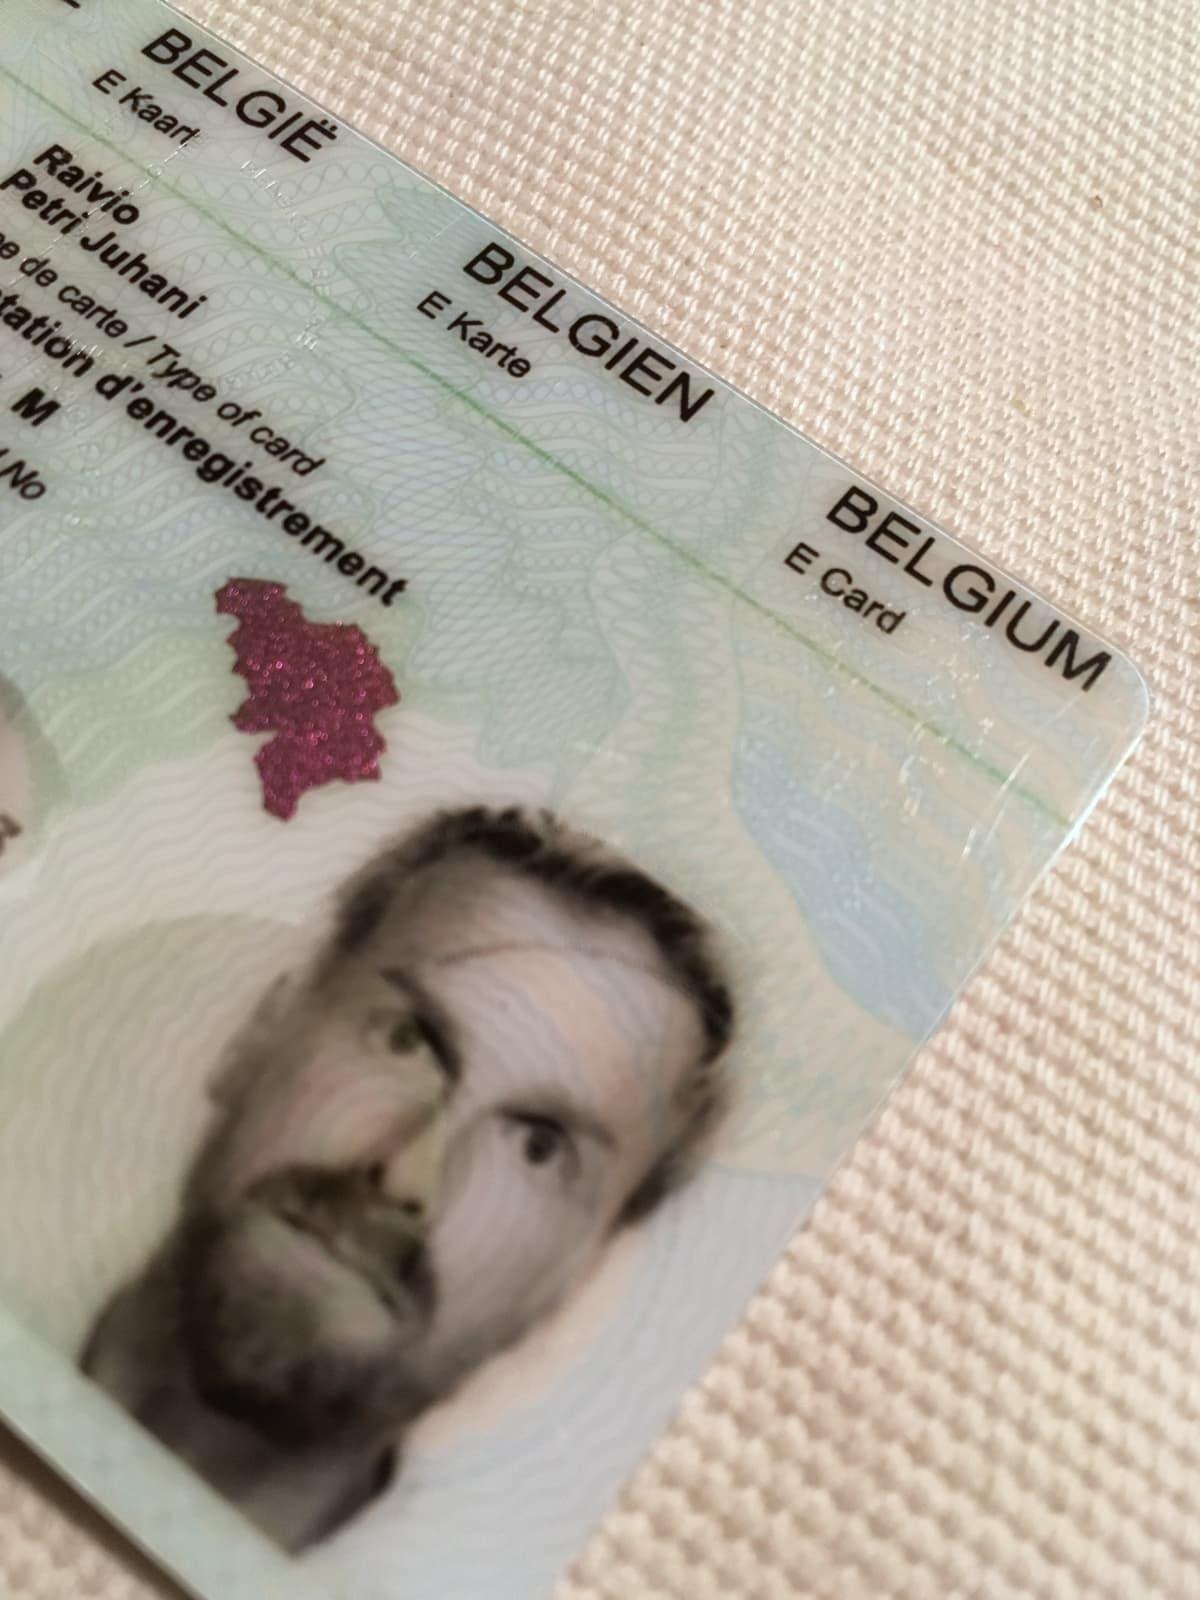 Belgialainen id-kortti.